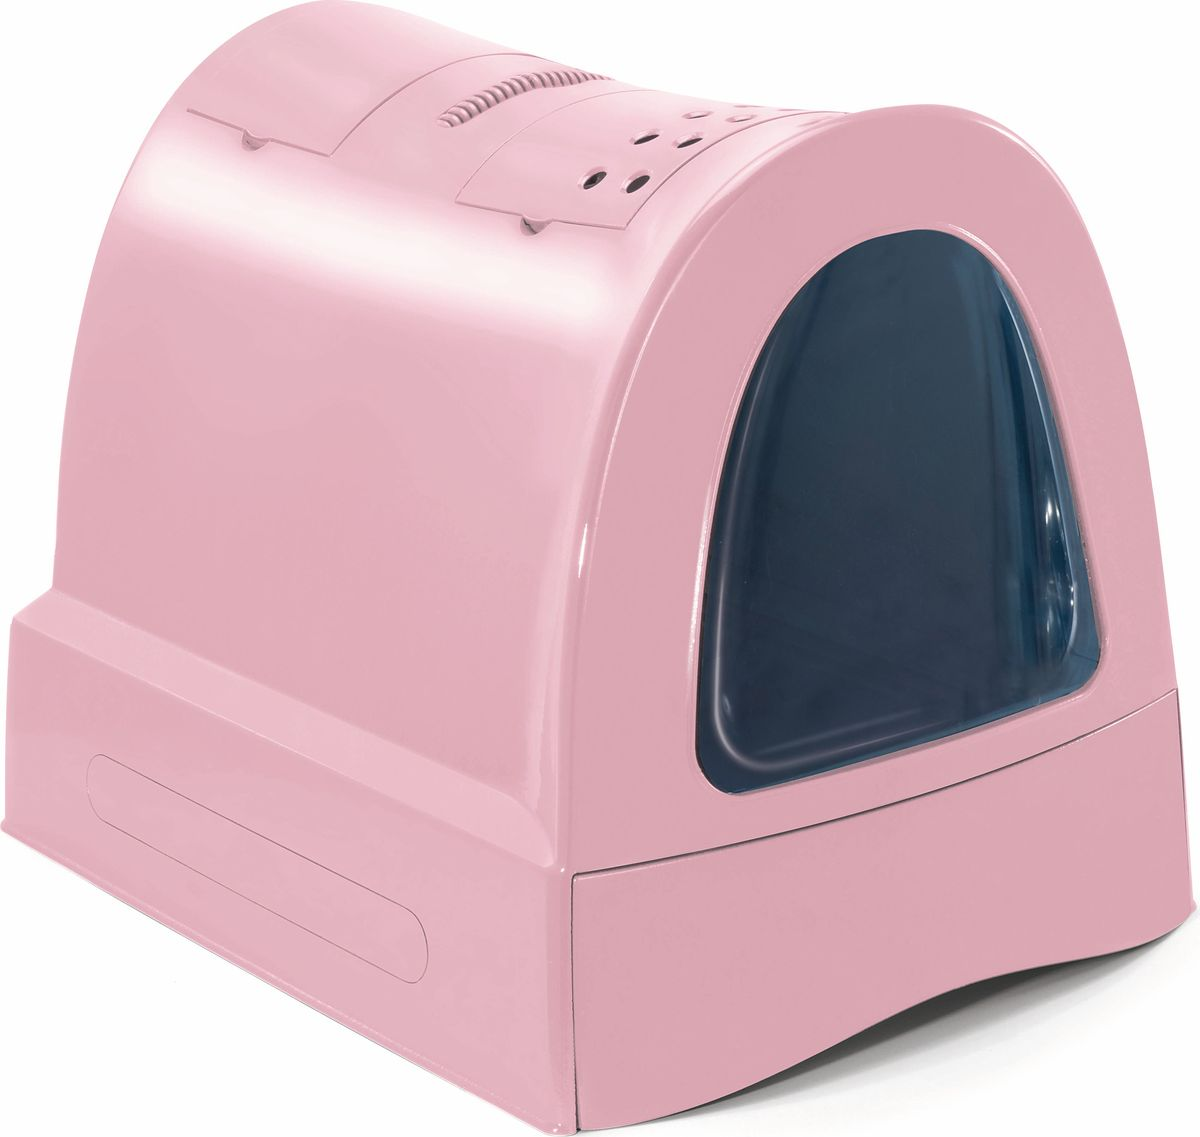 Туалет для кошек ImacZuma, закрытый, цвет: пепельно-розовый, 40 х 56 х 42,5 см83486Туалет для кошек Zuma, объединивший в себе стильный дизайн и функциональные преимущества. Лоток со съёмной рамой для установки гигиенического мешка, оптимальный размер 40 х 56 х 42,5 см, выдвижная ручка, фильтр из активированного угля и совок в комплекте, а также отделение для хранения гигиенических мешков. Модель представлена в трёх цветах пастельной гаммы в духе современных тенденций интерьера.